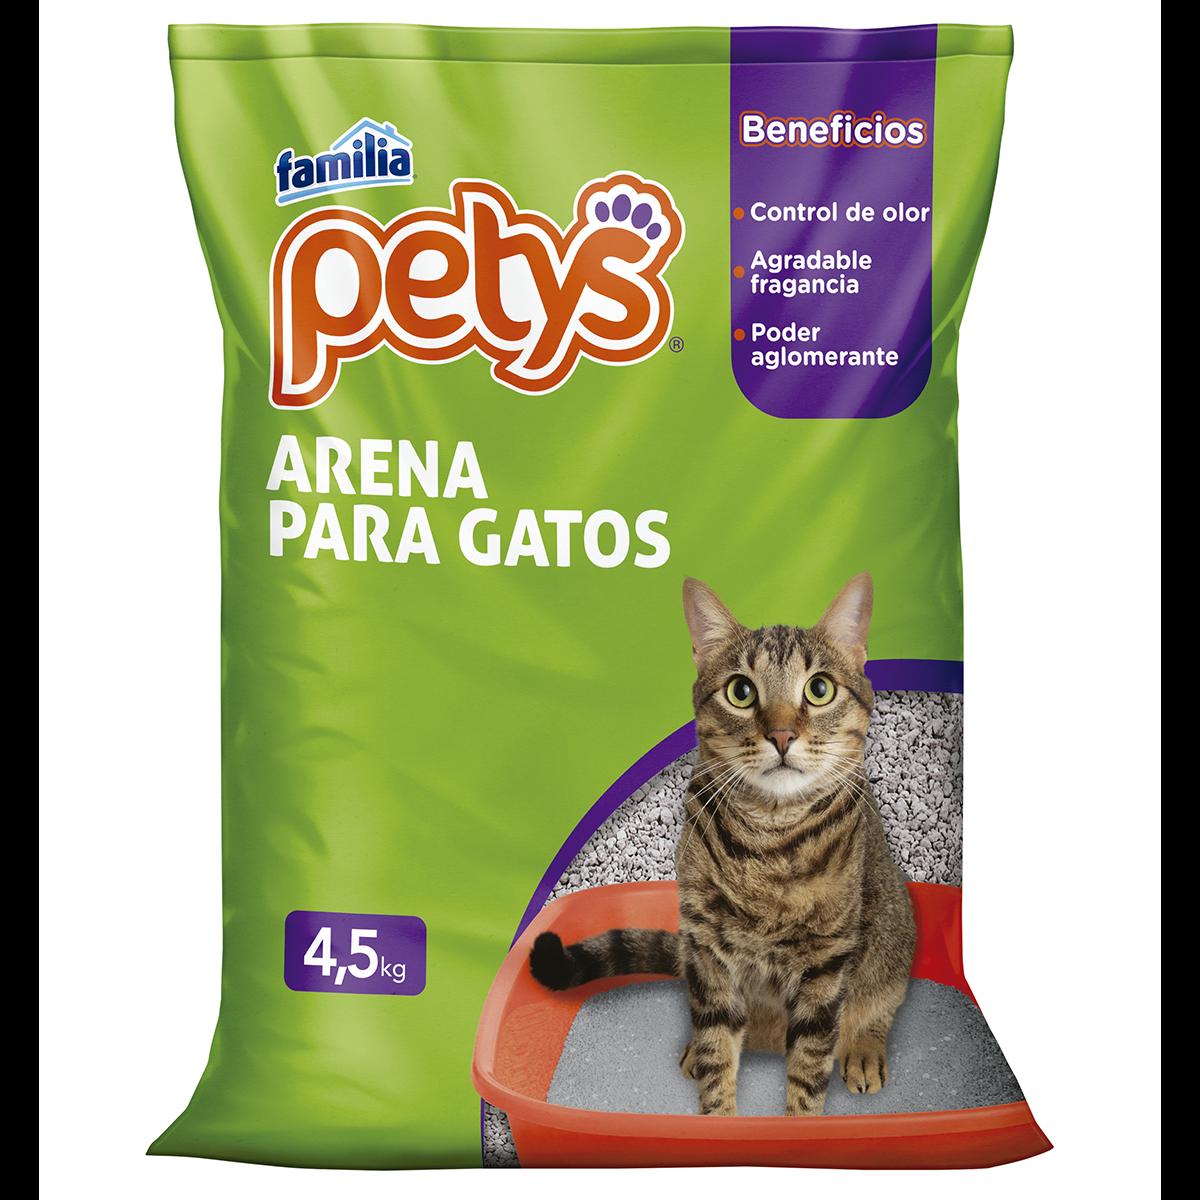 Imagen Arena Para Gatos Petys x 4,5 Kg